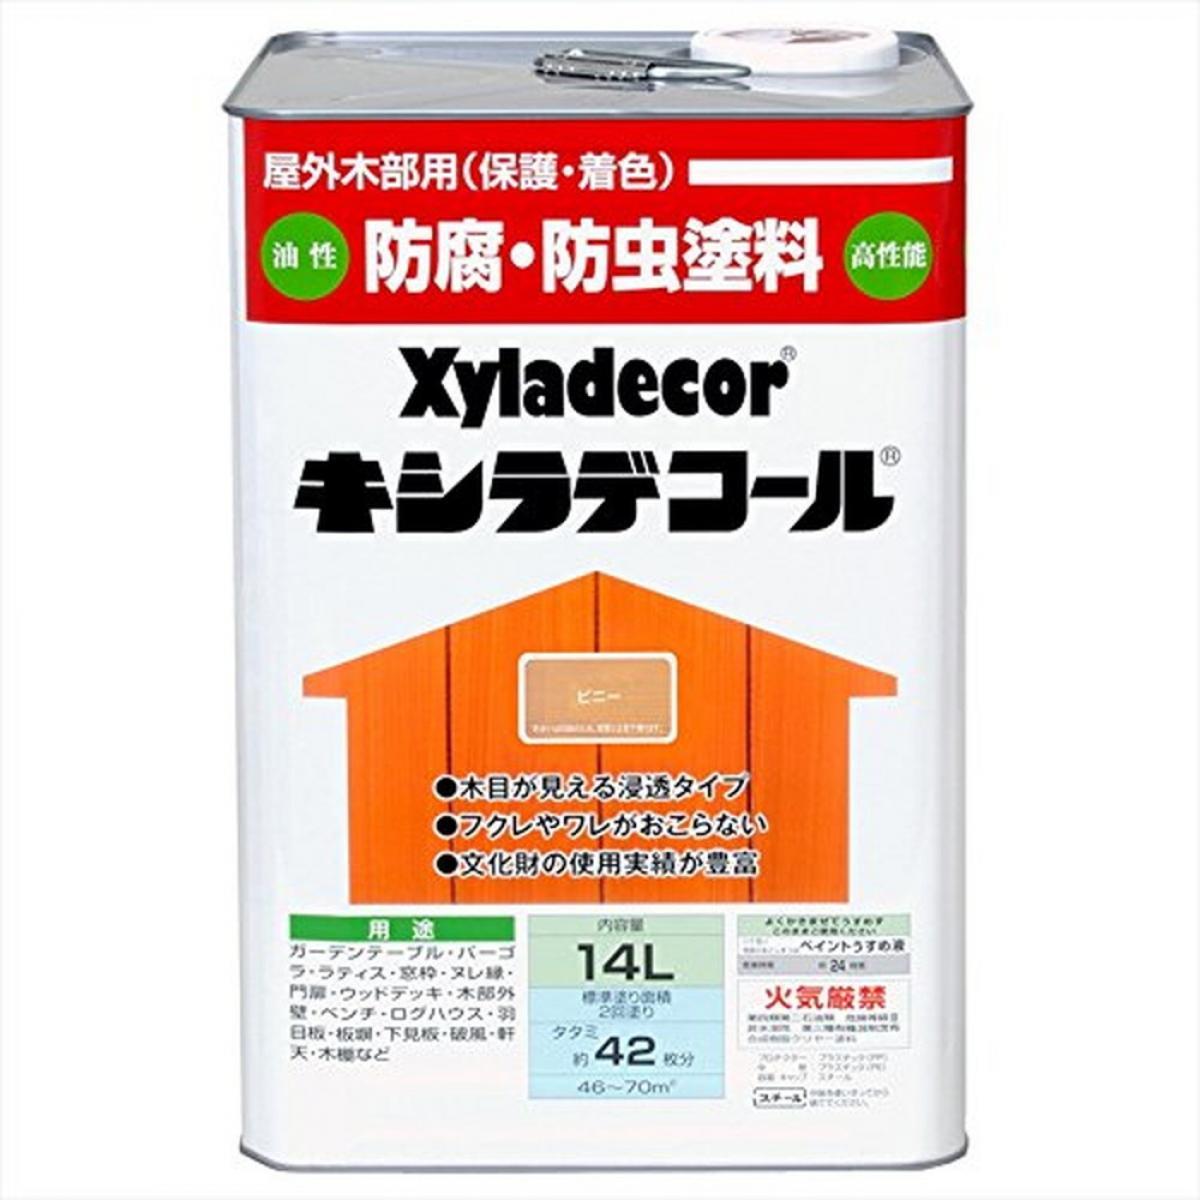 大阪ガスケミカル株式会社 キシラデコール ピニー 14L